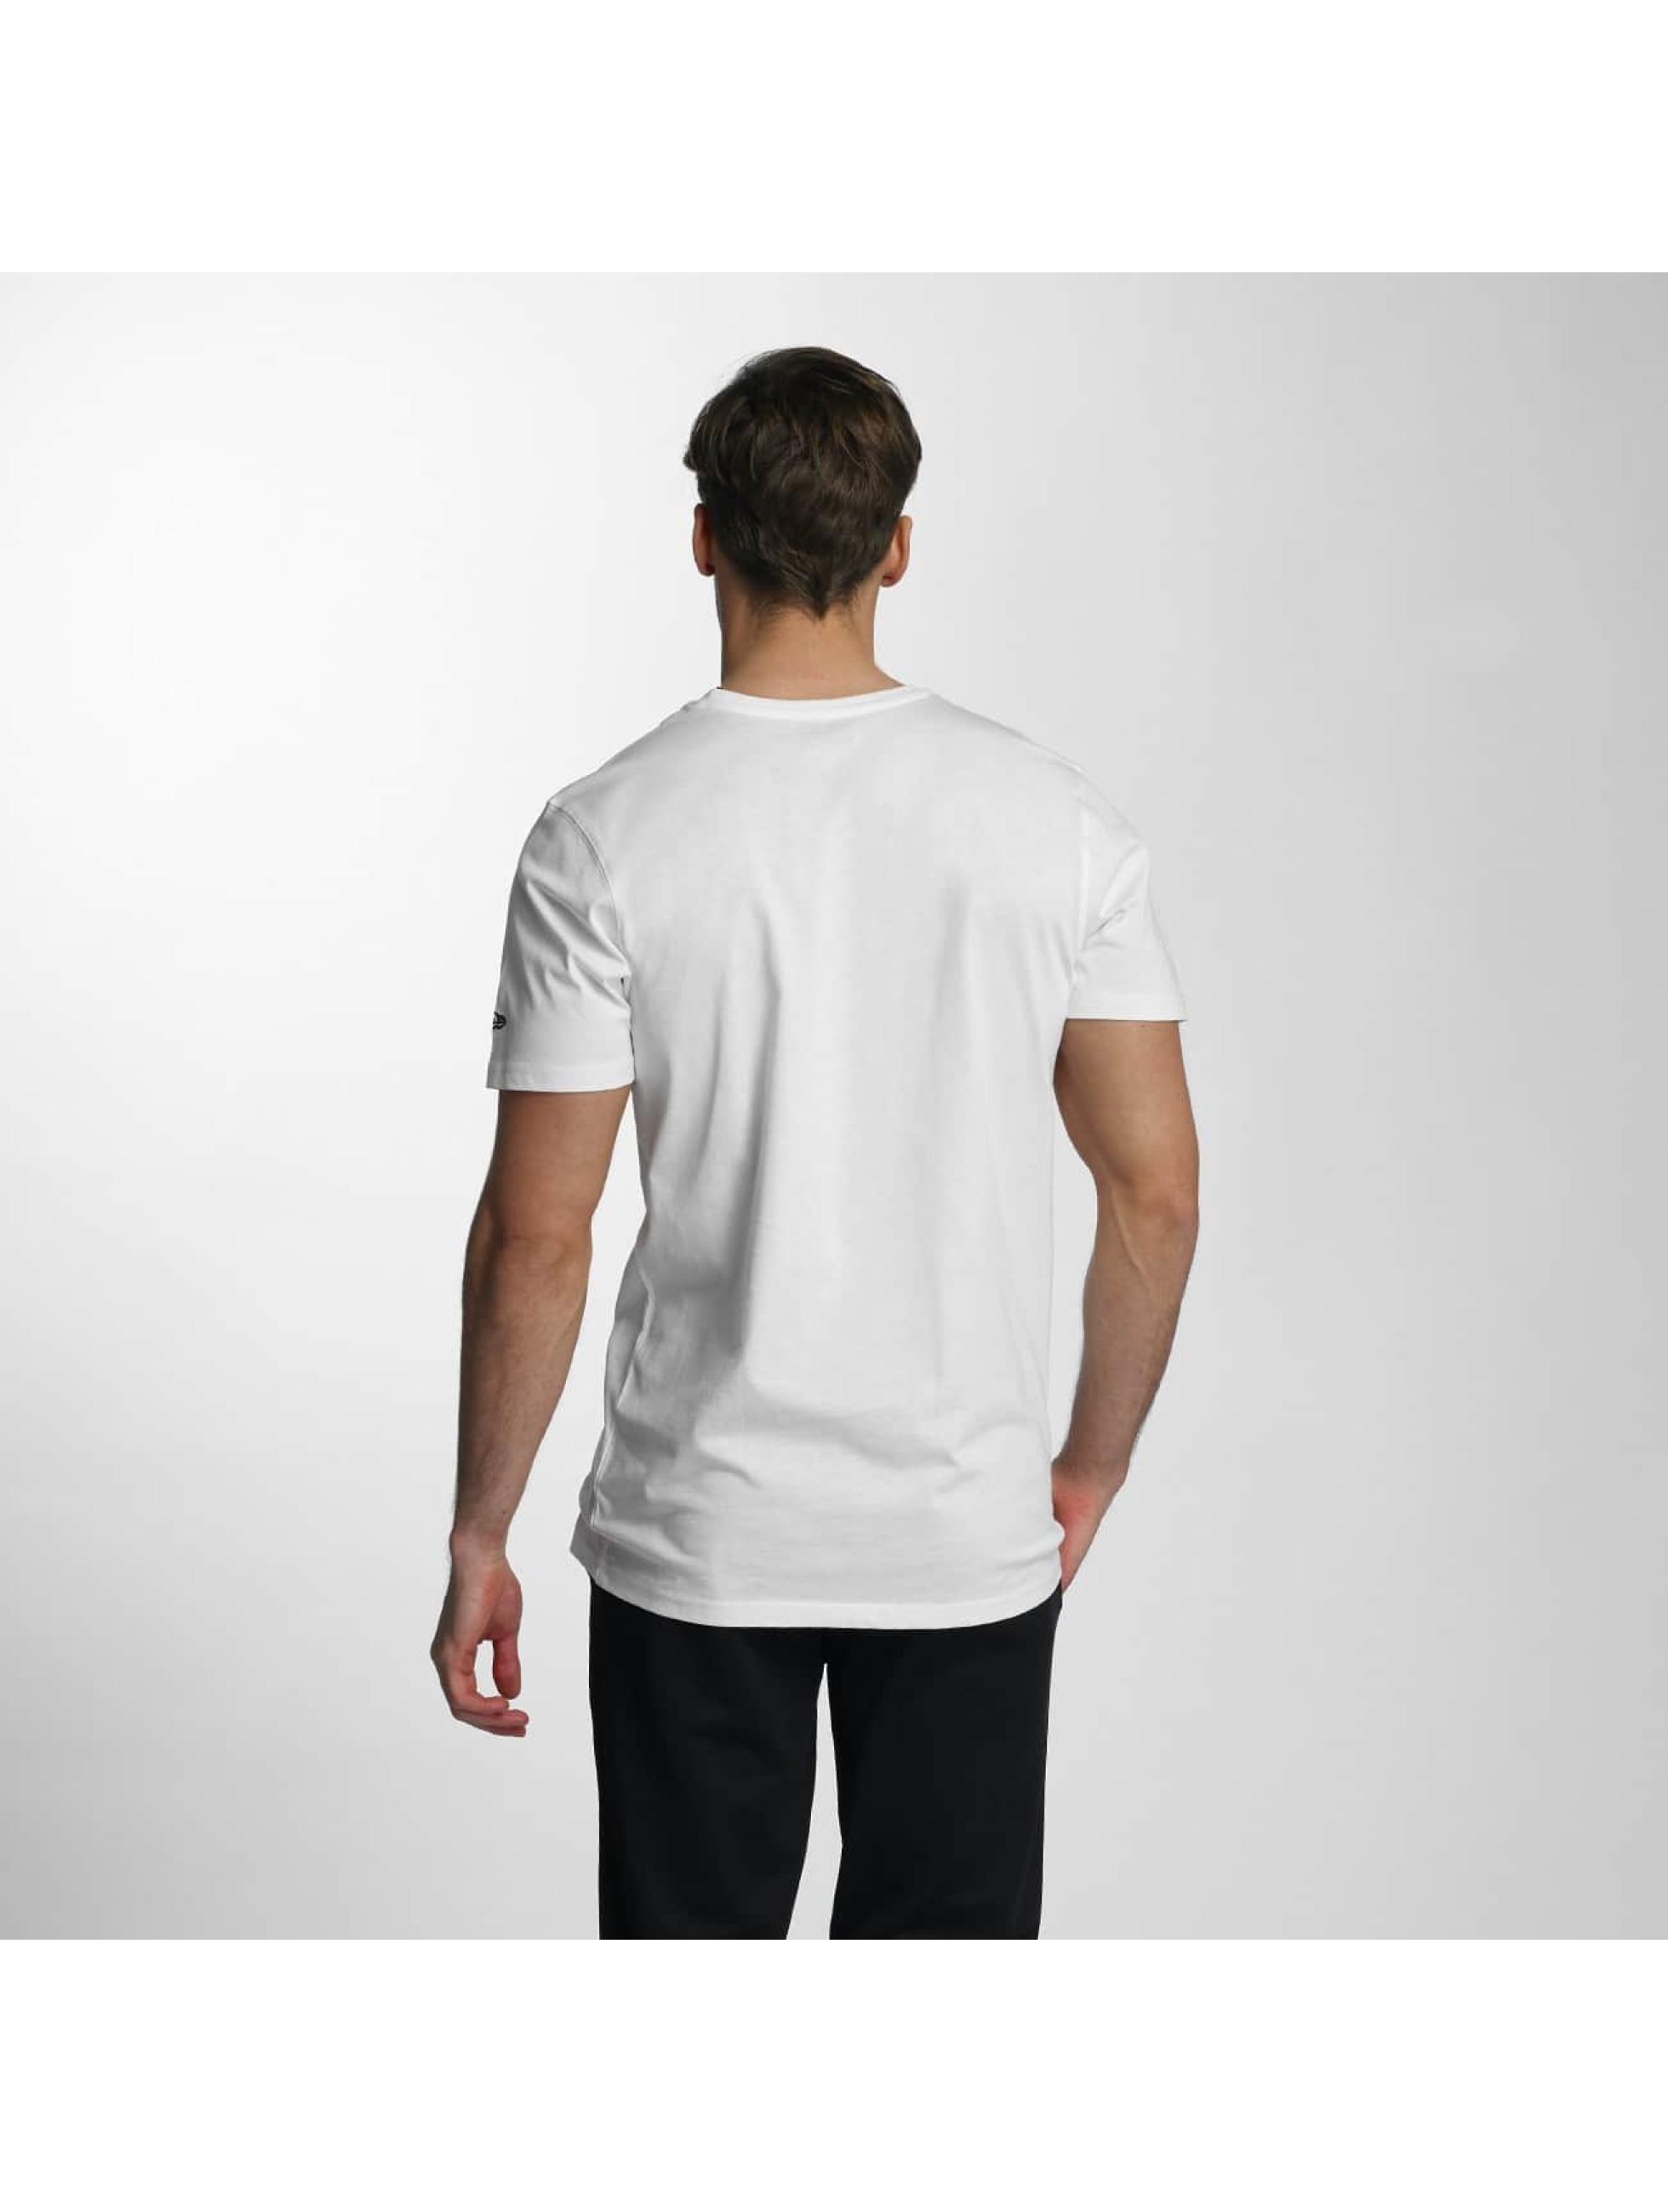 New Era T-Shirt Ice Cream white